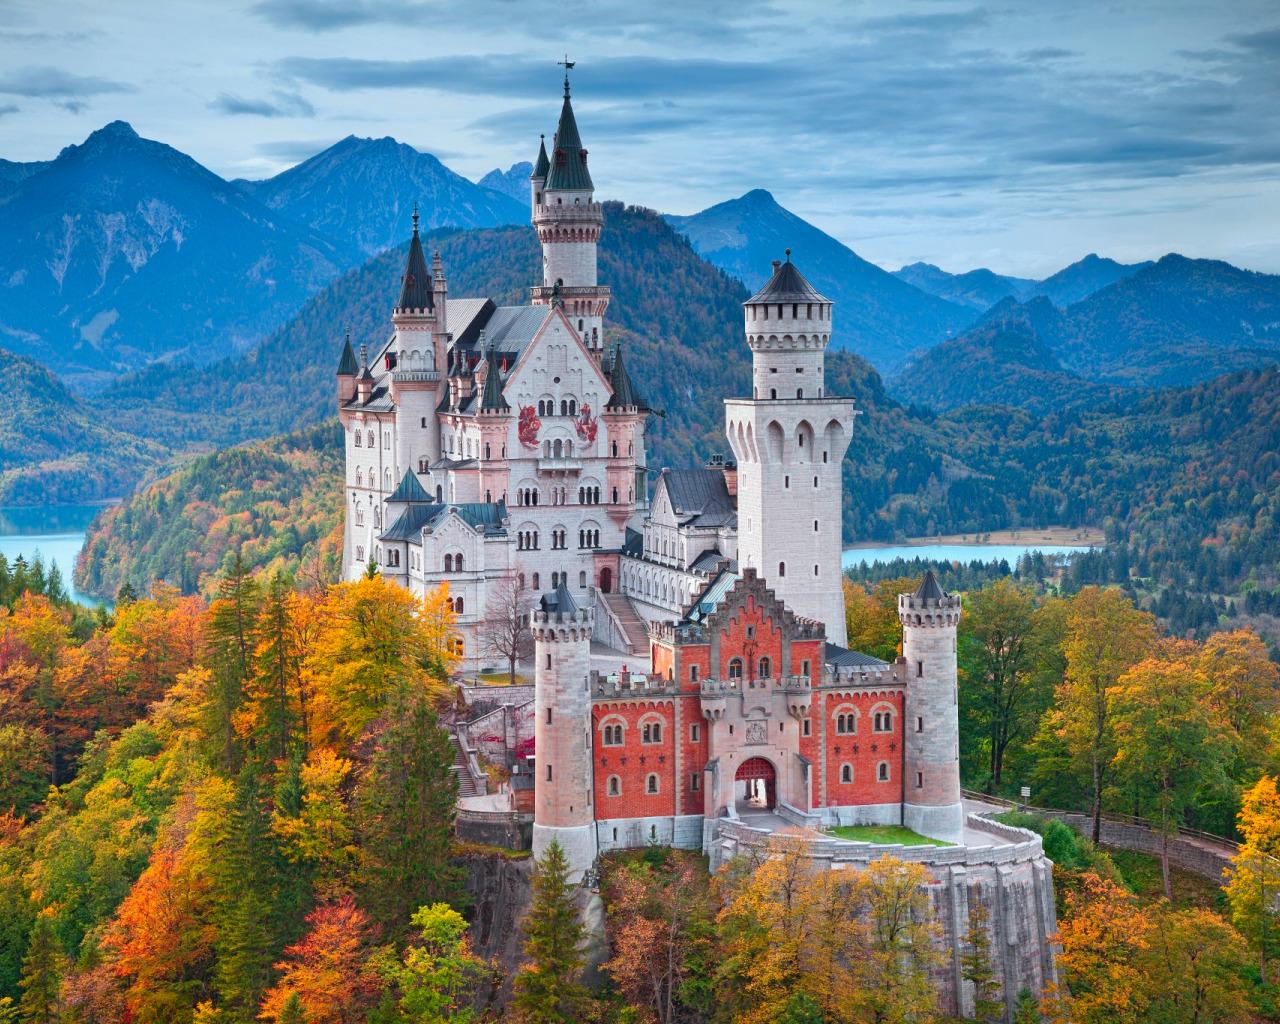 Обои юго-западная, бавария, германия, замок. Города foto 7